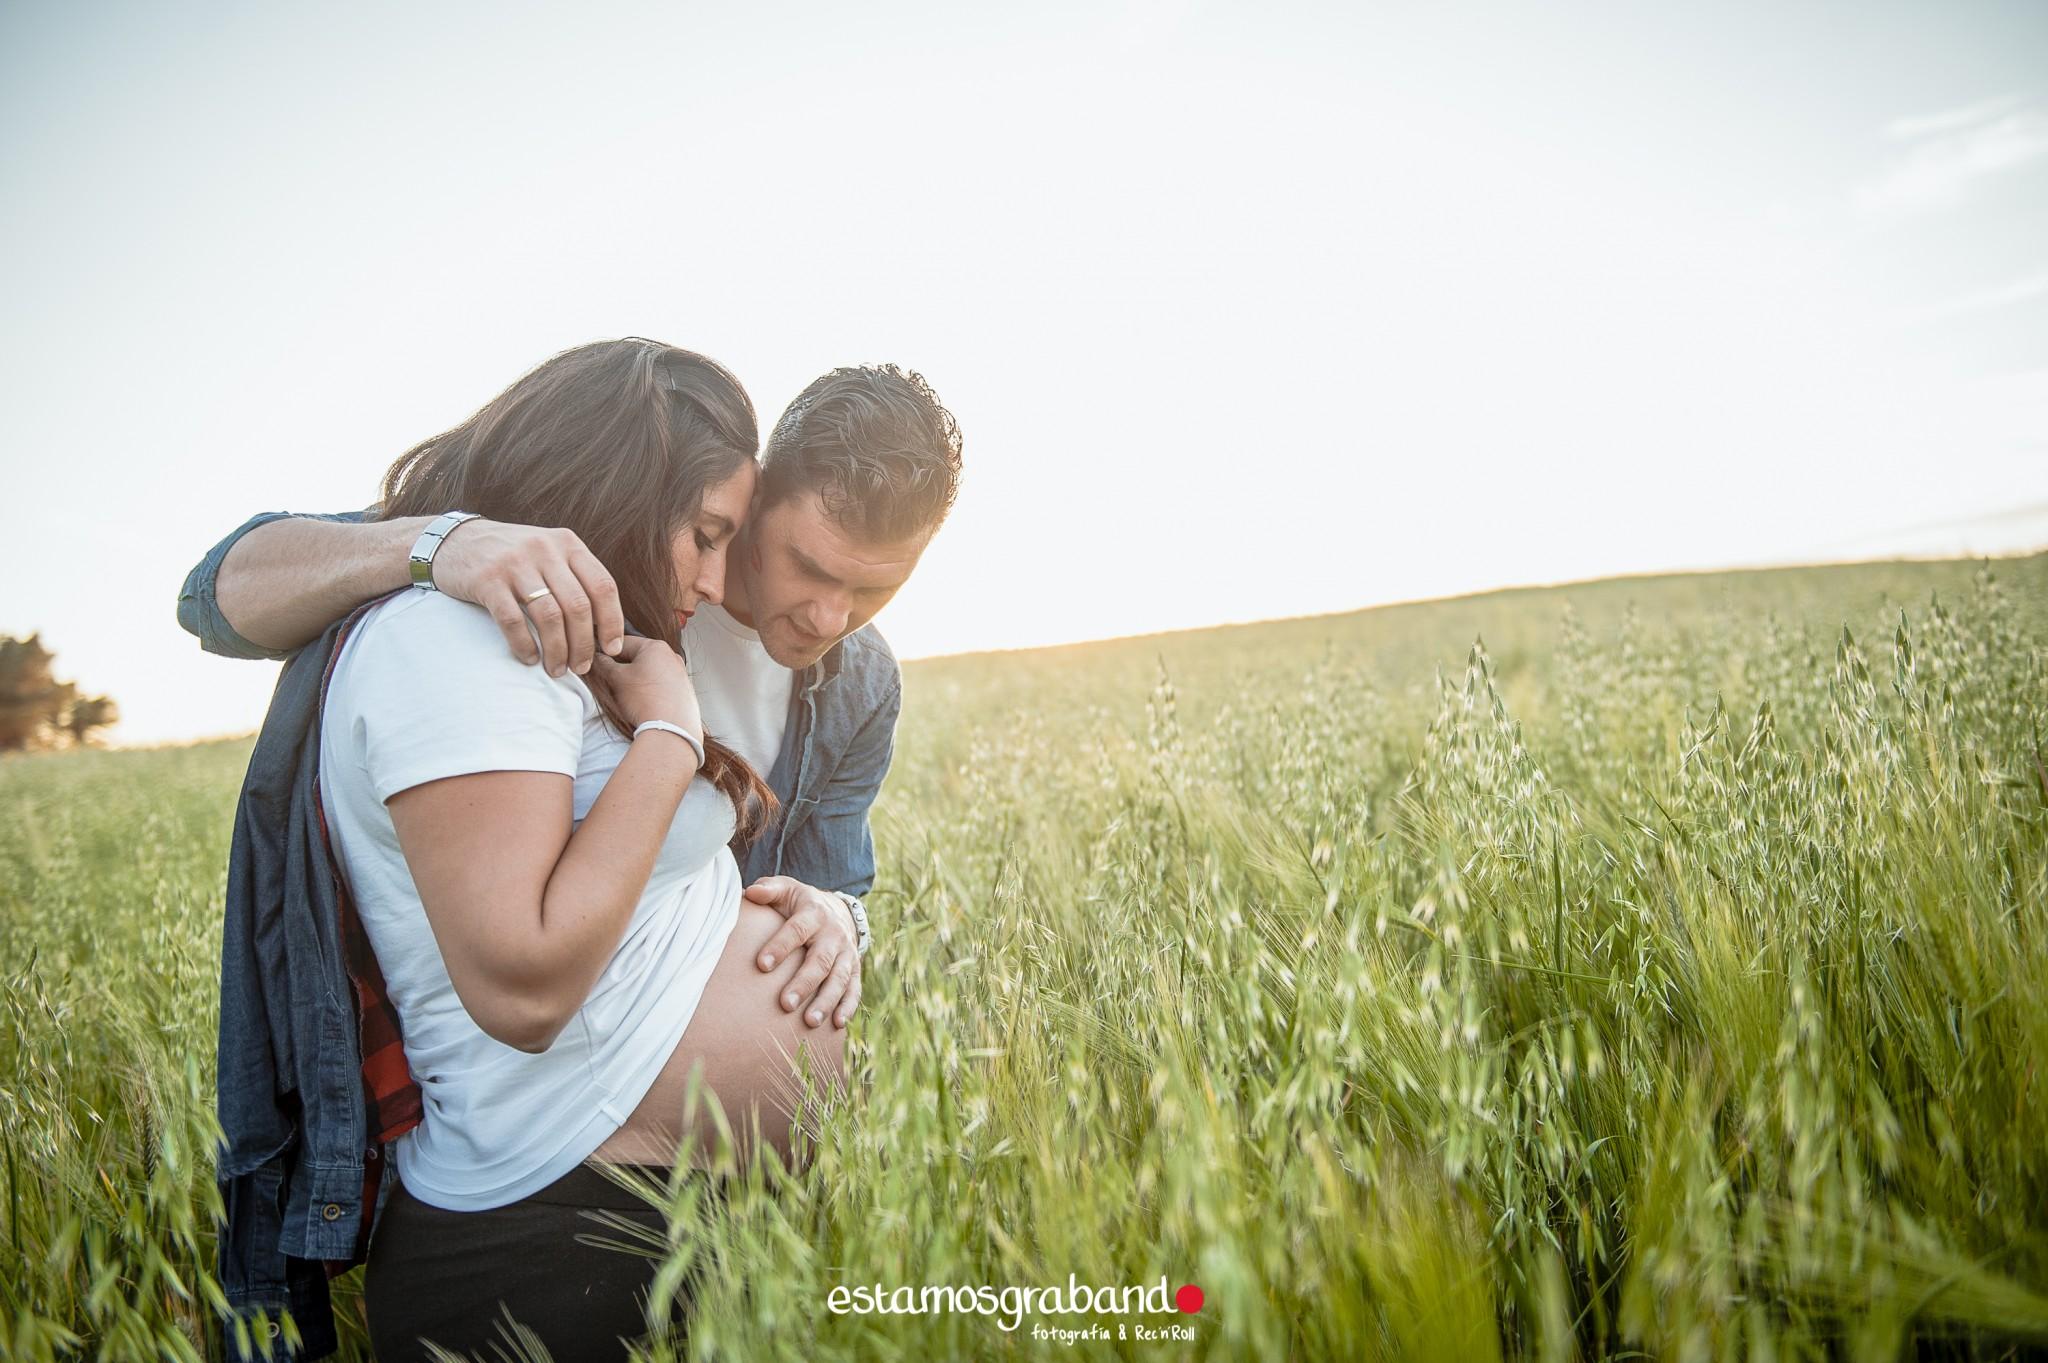 embarazo-recanrollero-sesiones-estamosgrabando-embarazos-sesiones-de-pareja-sesiones-recandrolleras-fotografos-embarazo-jerez-42 Mimo & Mima + Mini Mimo - video boda cadiz